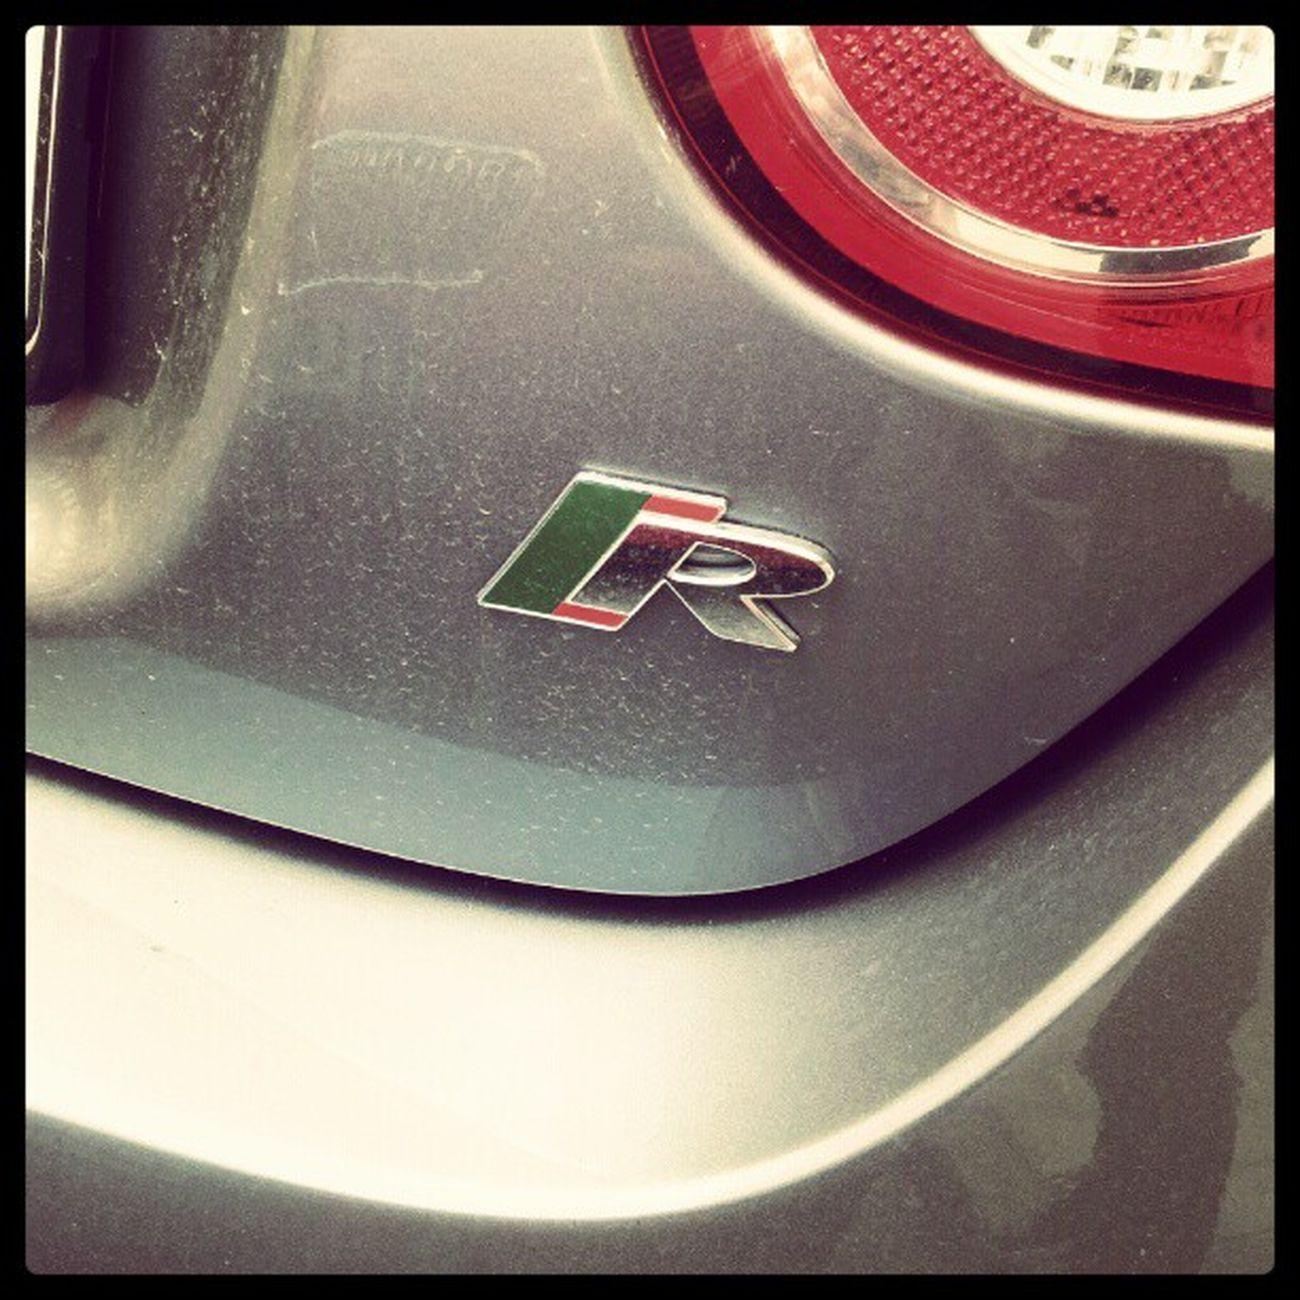 JAGUAR Jag Xkr R emblem logo